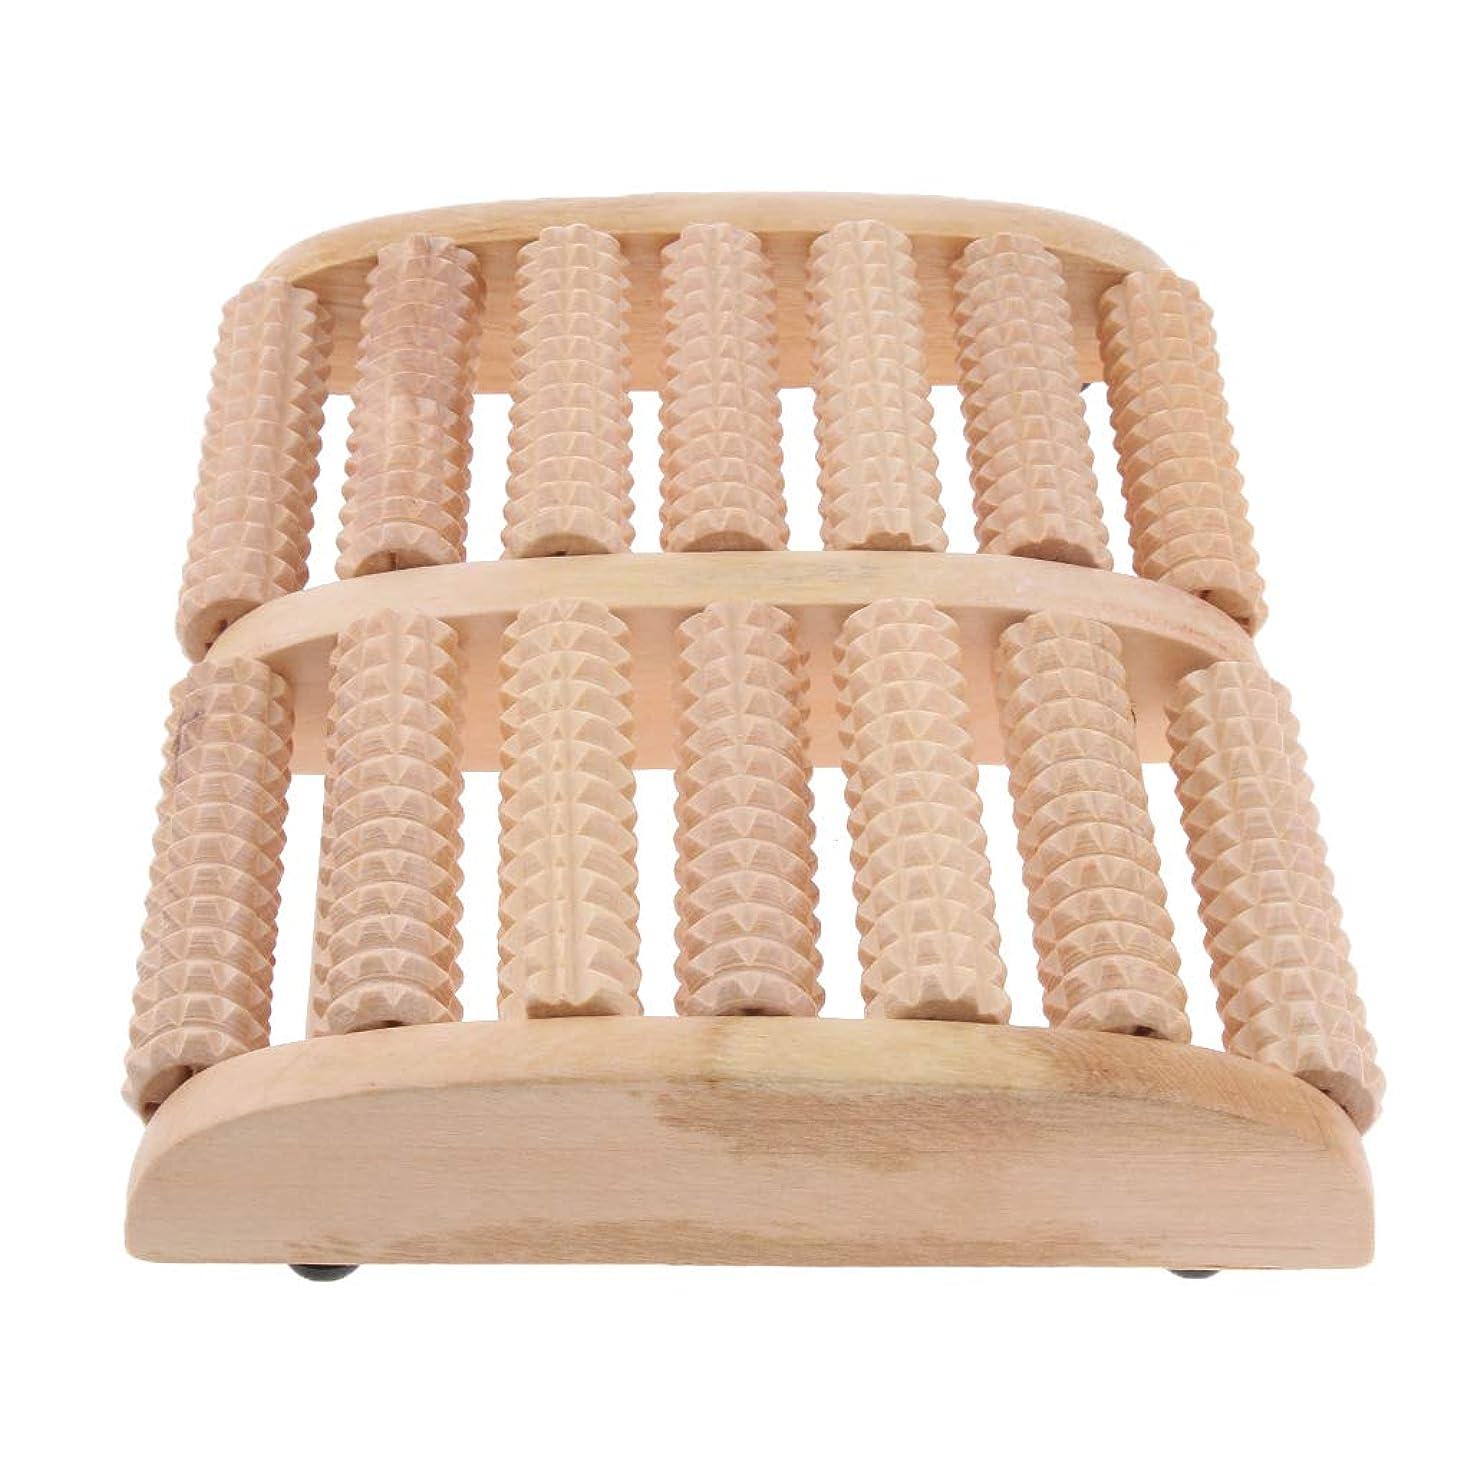 修理可能スリップ永久IPOTCH マッサージローラー 7行 自然木製 足踏み フットマッサージ ツボ押し 痛み緩和 健康器具 高品質